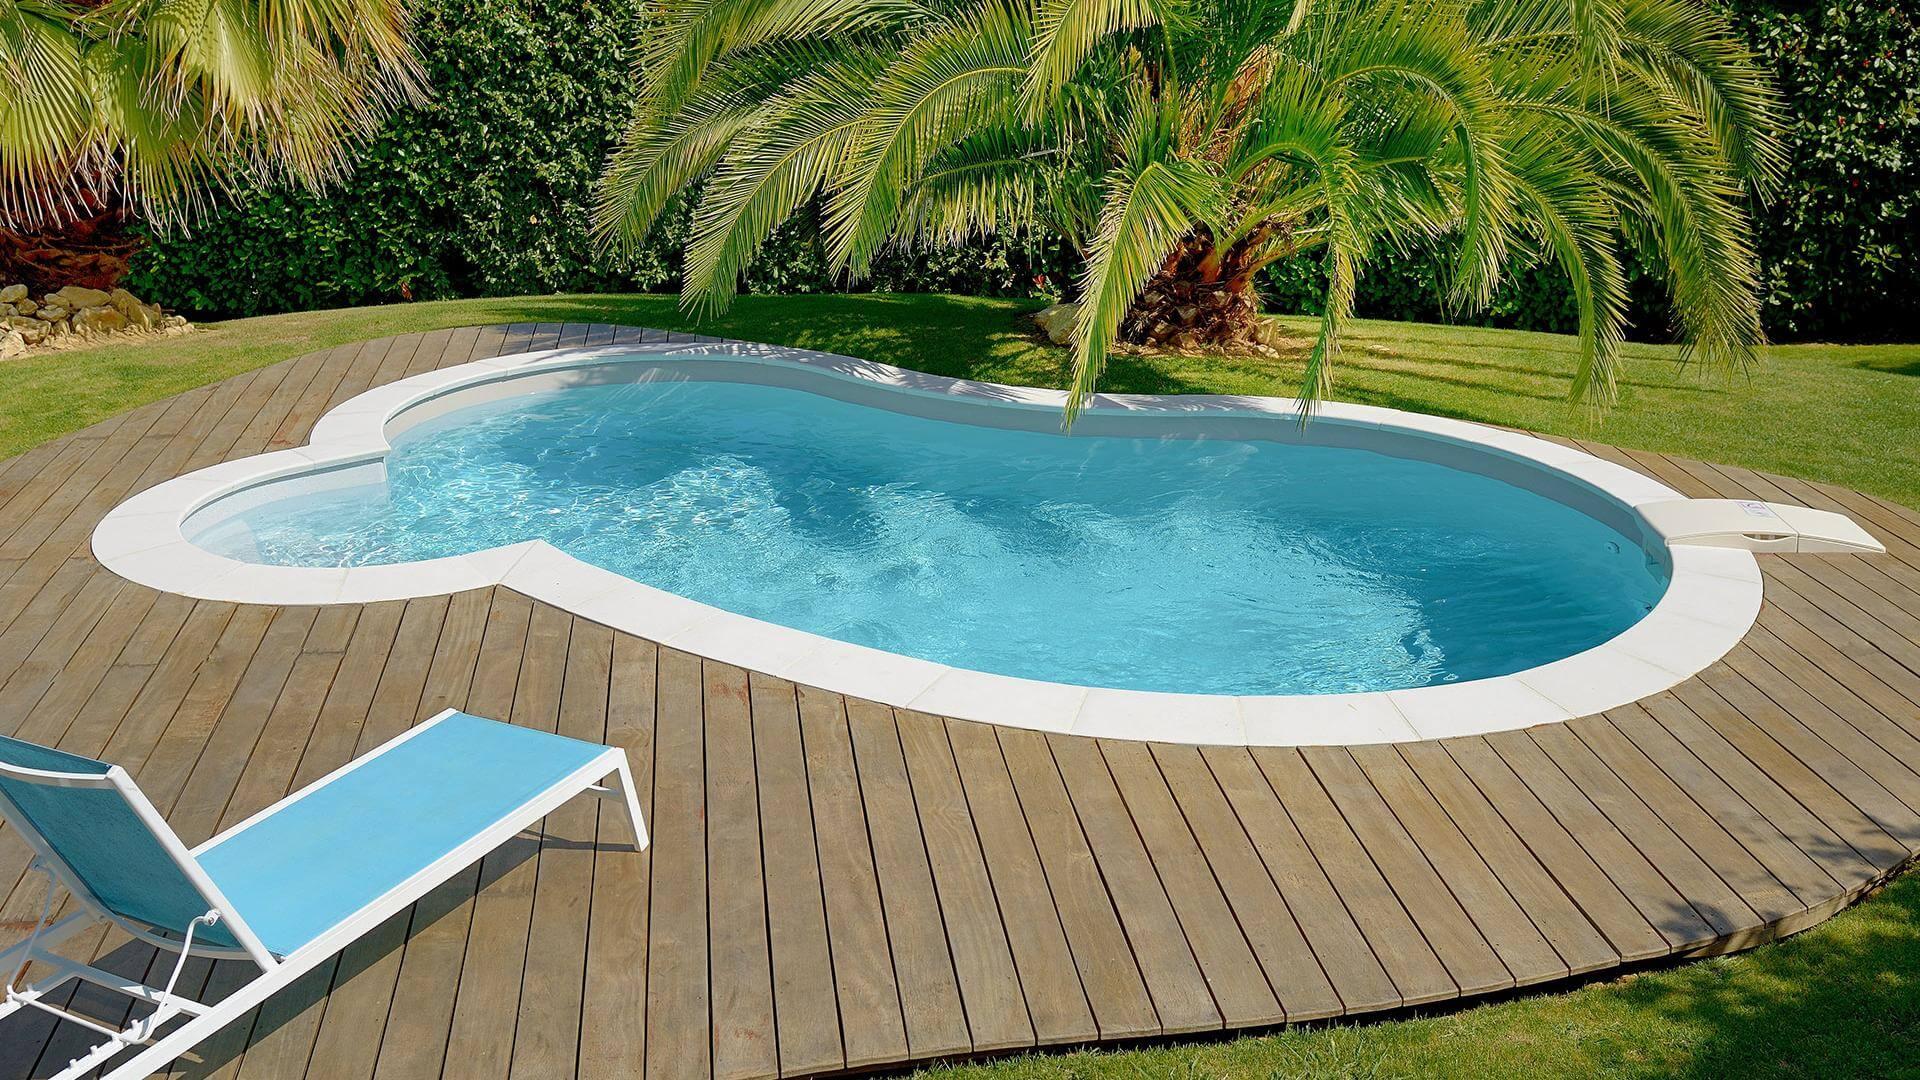 Piscina Su Terreno In Pendenza piscina a fagiolo céline - il modello tondeggiante elegante